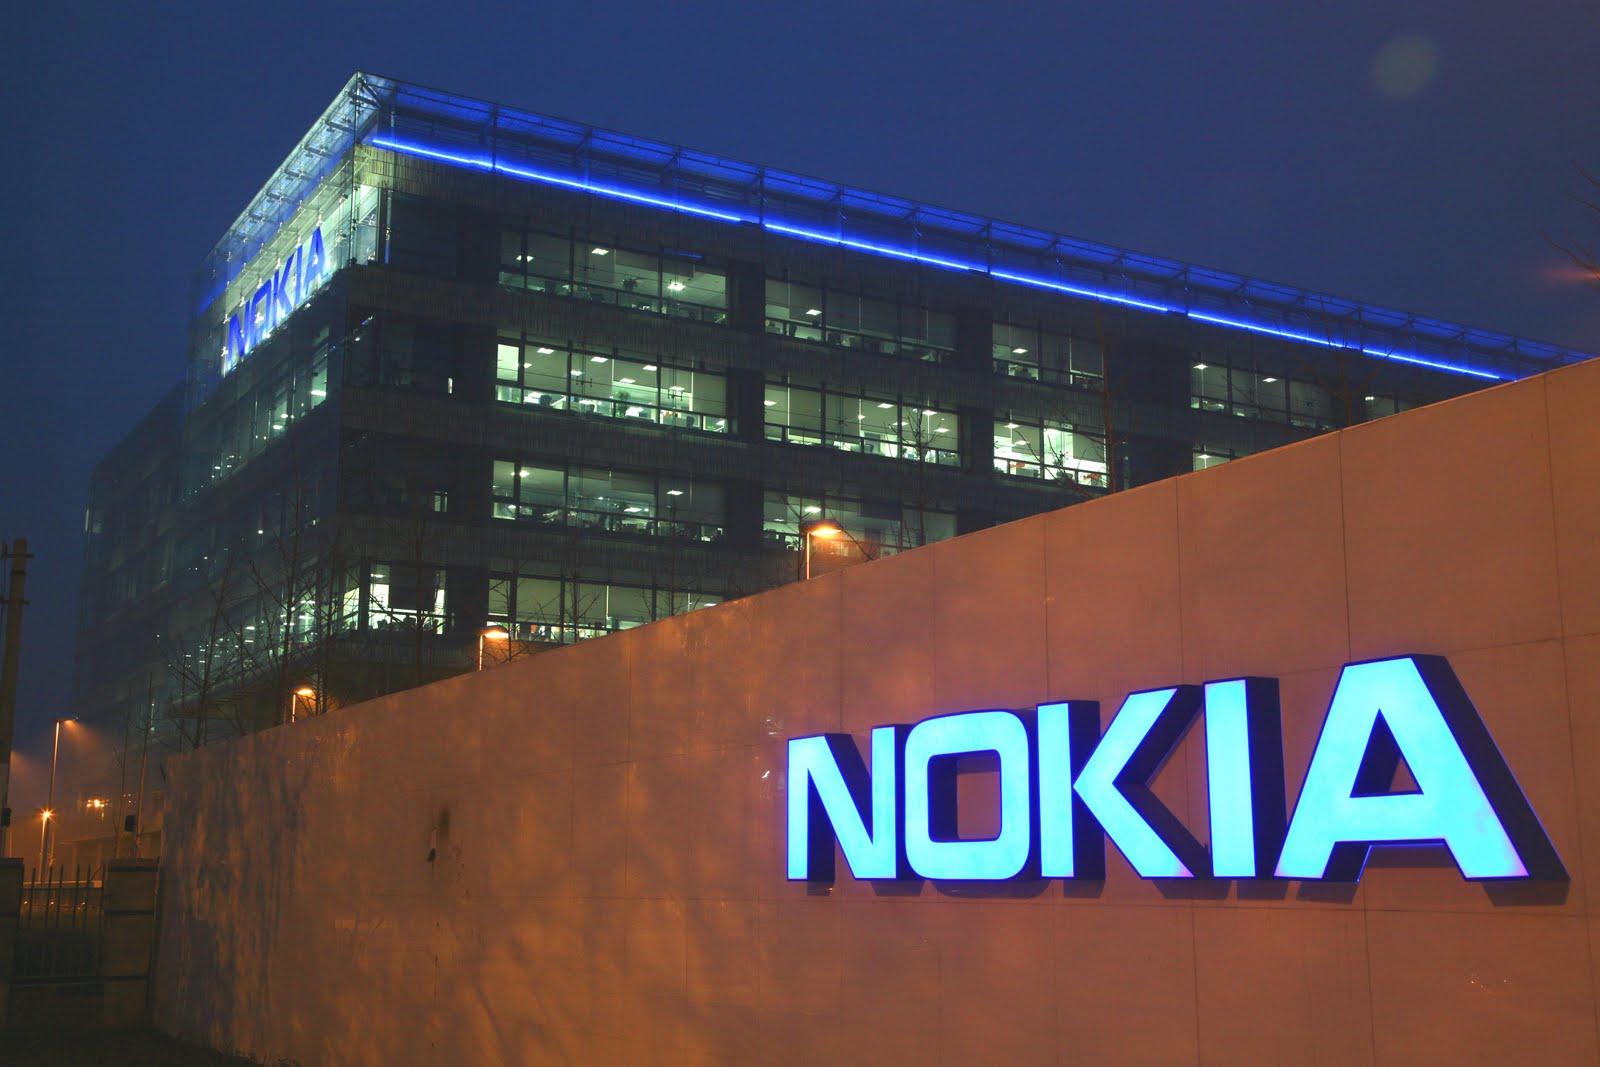 Nokia Giyilebilir Akıllı Teknoloji Sektöründe